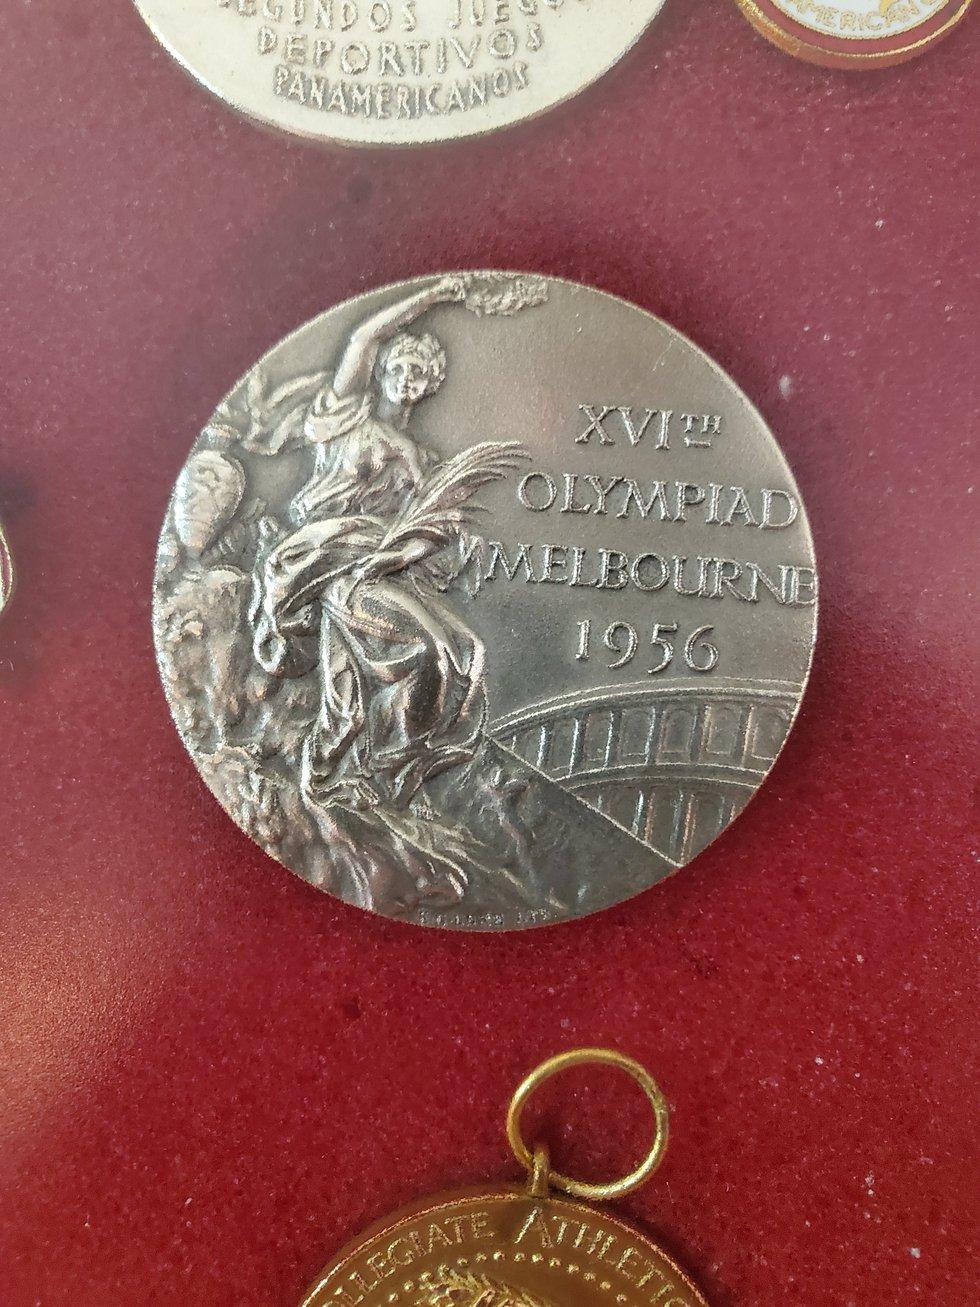 A close-up of John Bennett's 1956 silver medal